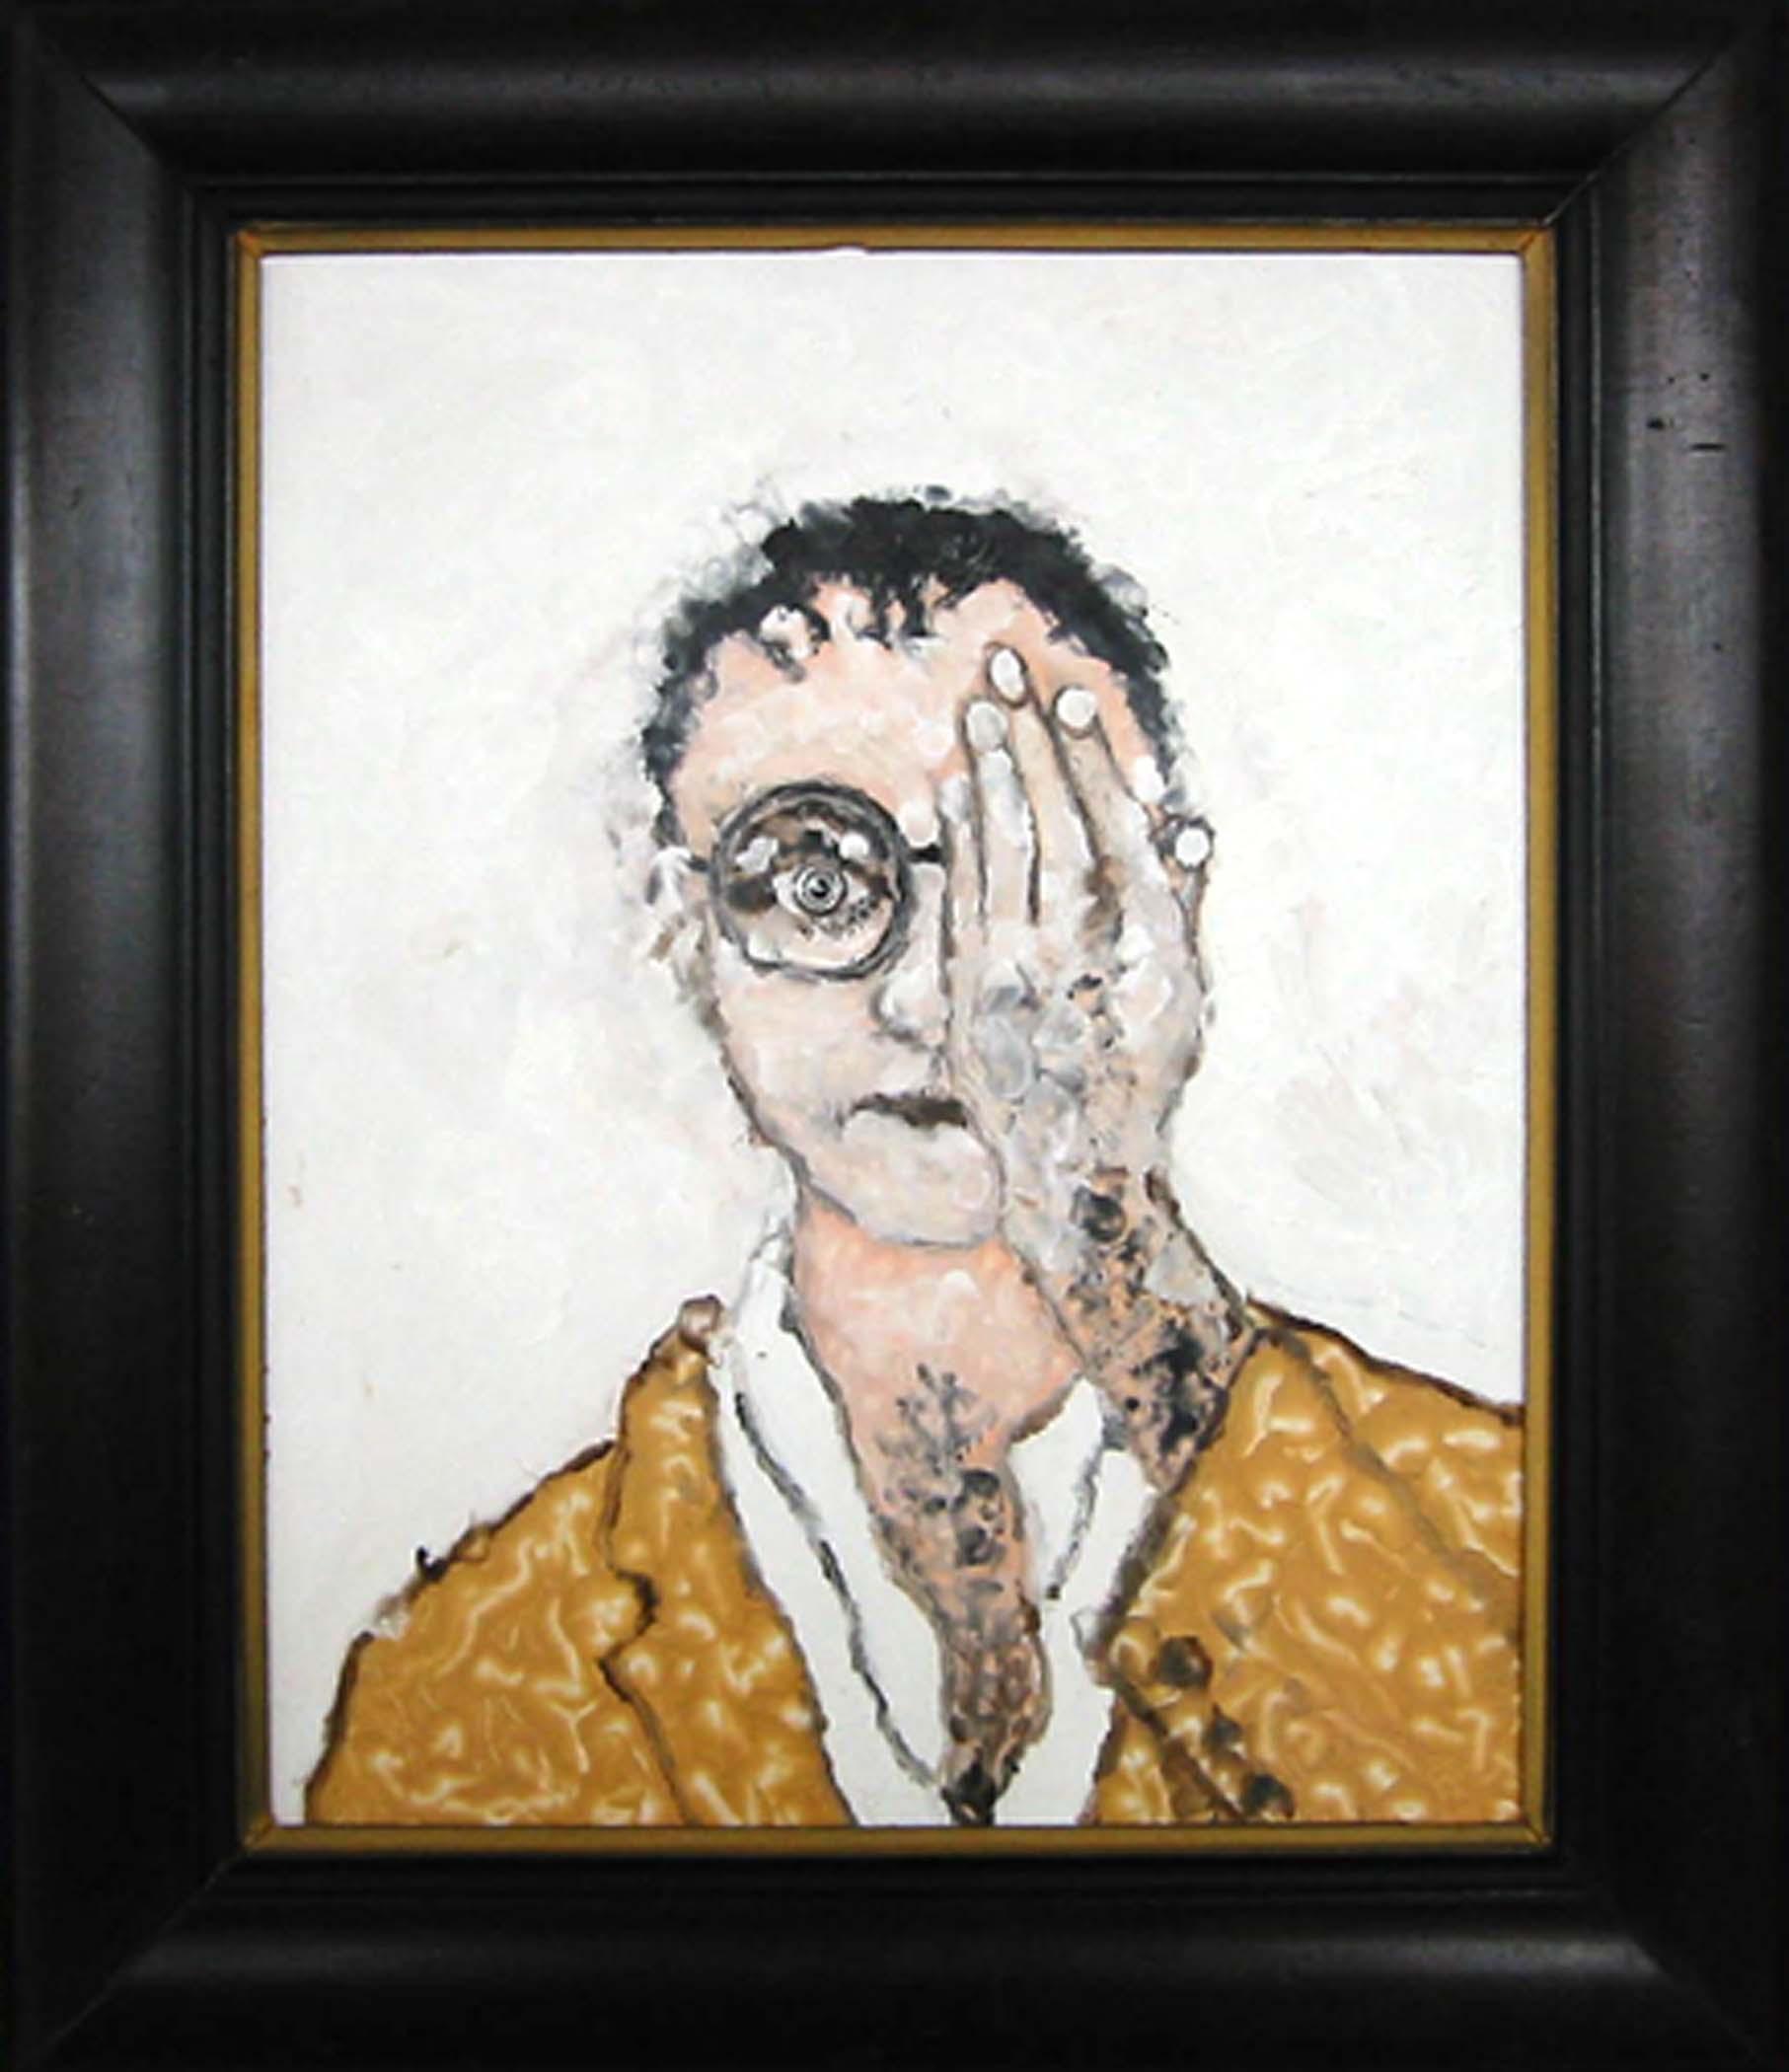 """Autoportrait,  2002, huile sur bois / oil on wood, framed, 24""""x 28"""", 61 x 71 cm."""